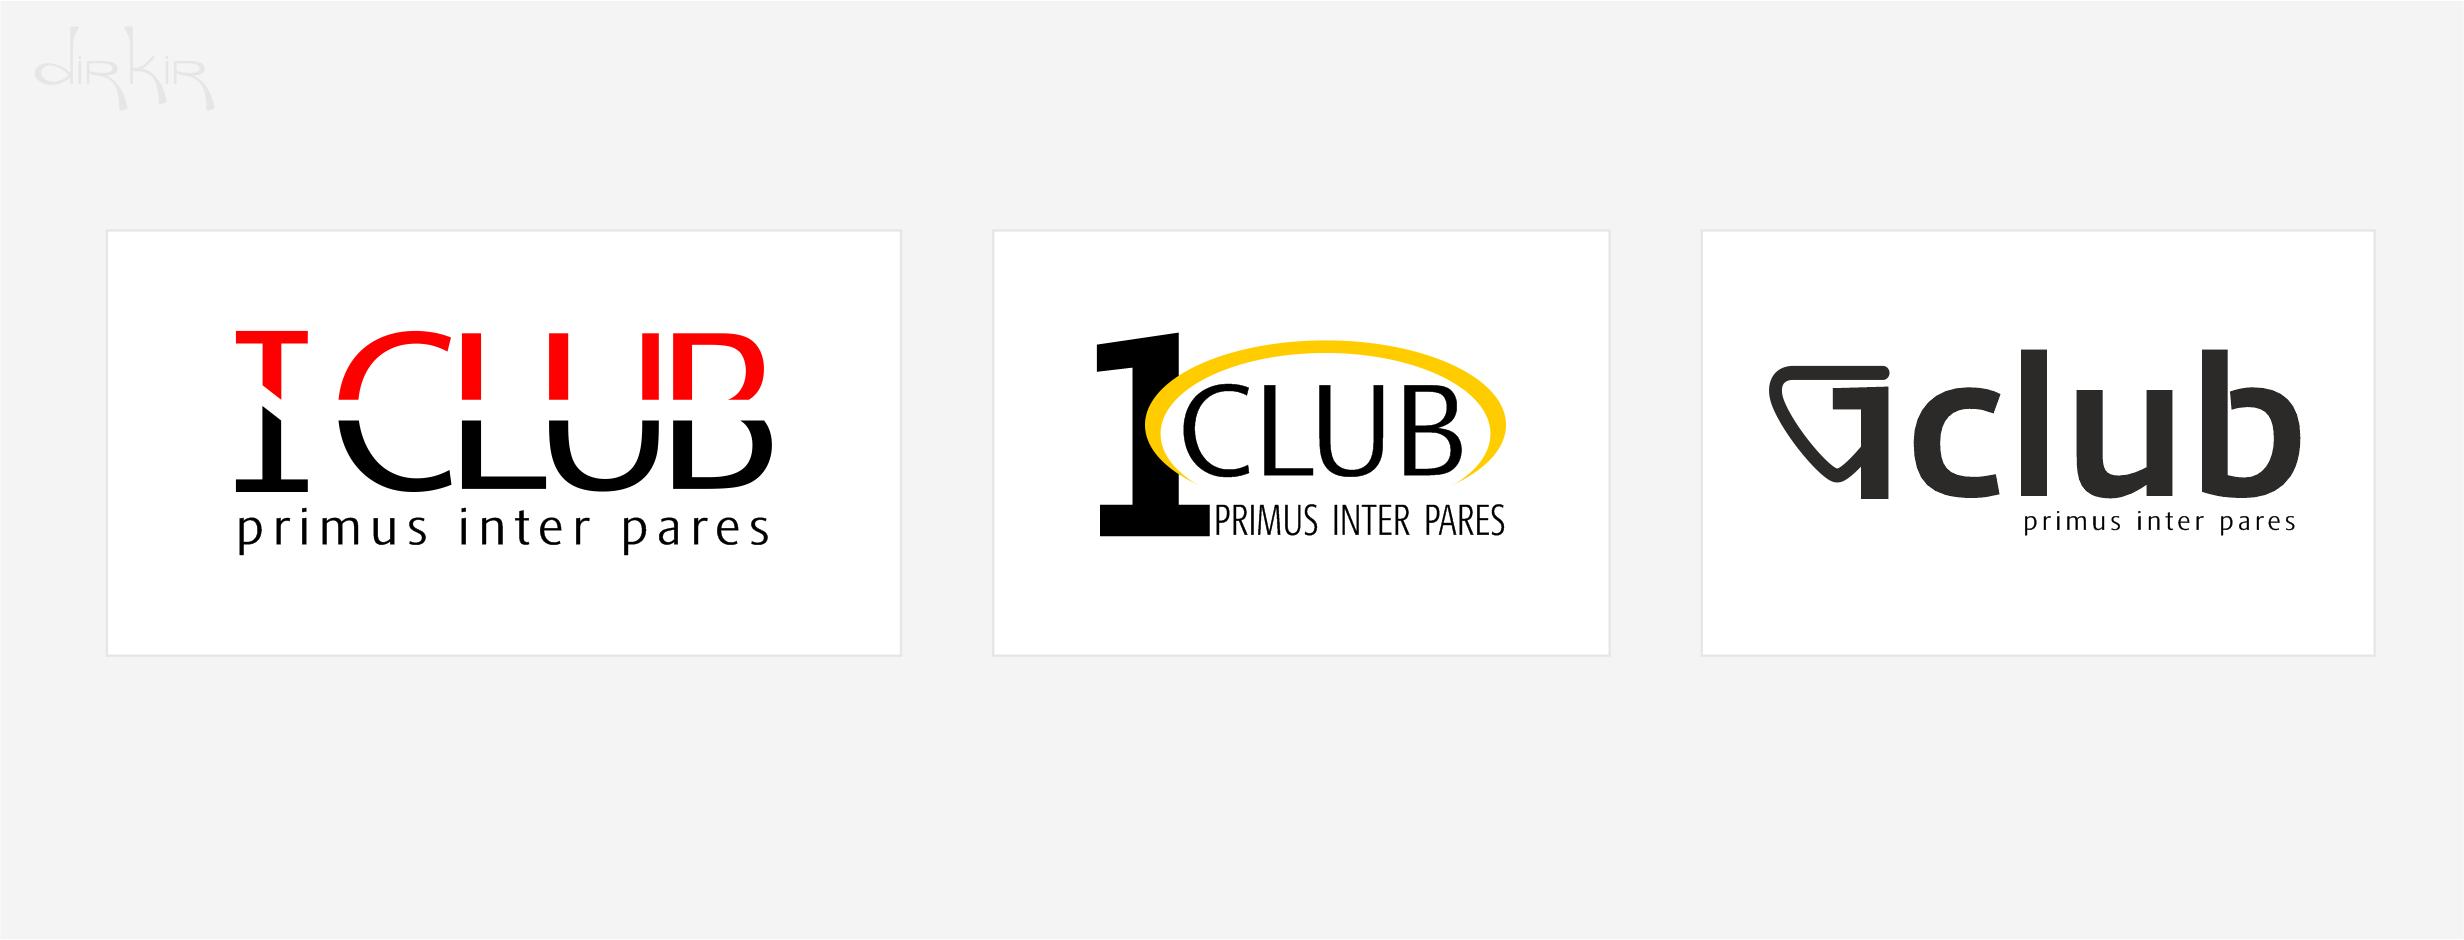 Логотип делового клуба фото f_8505f846981518c5.jpg